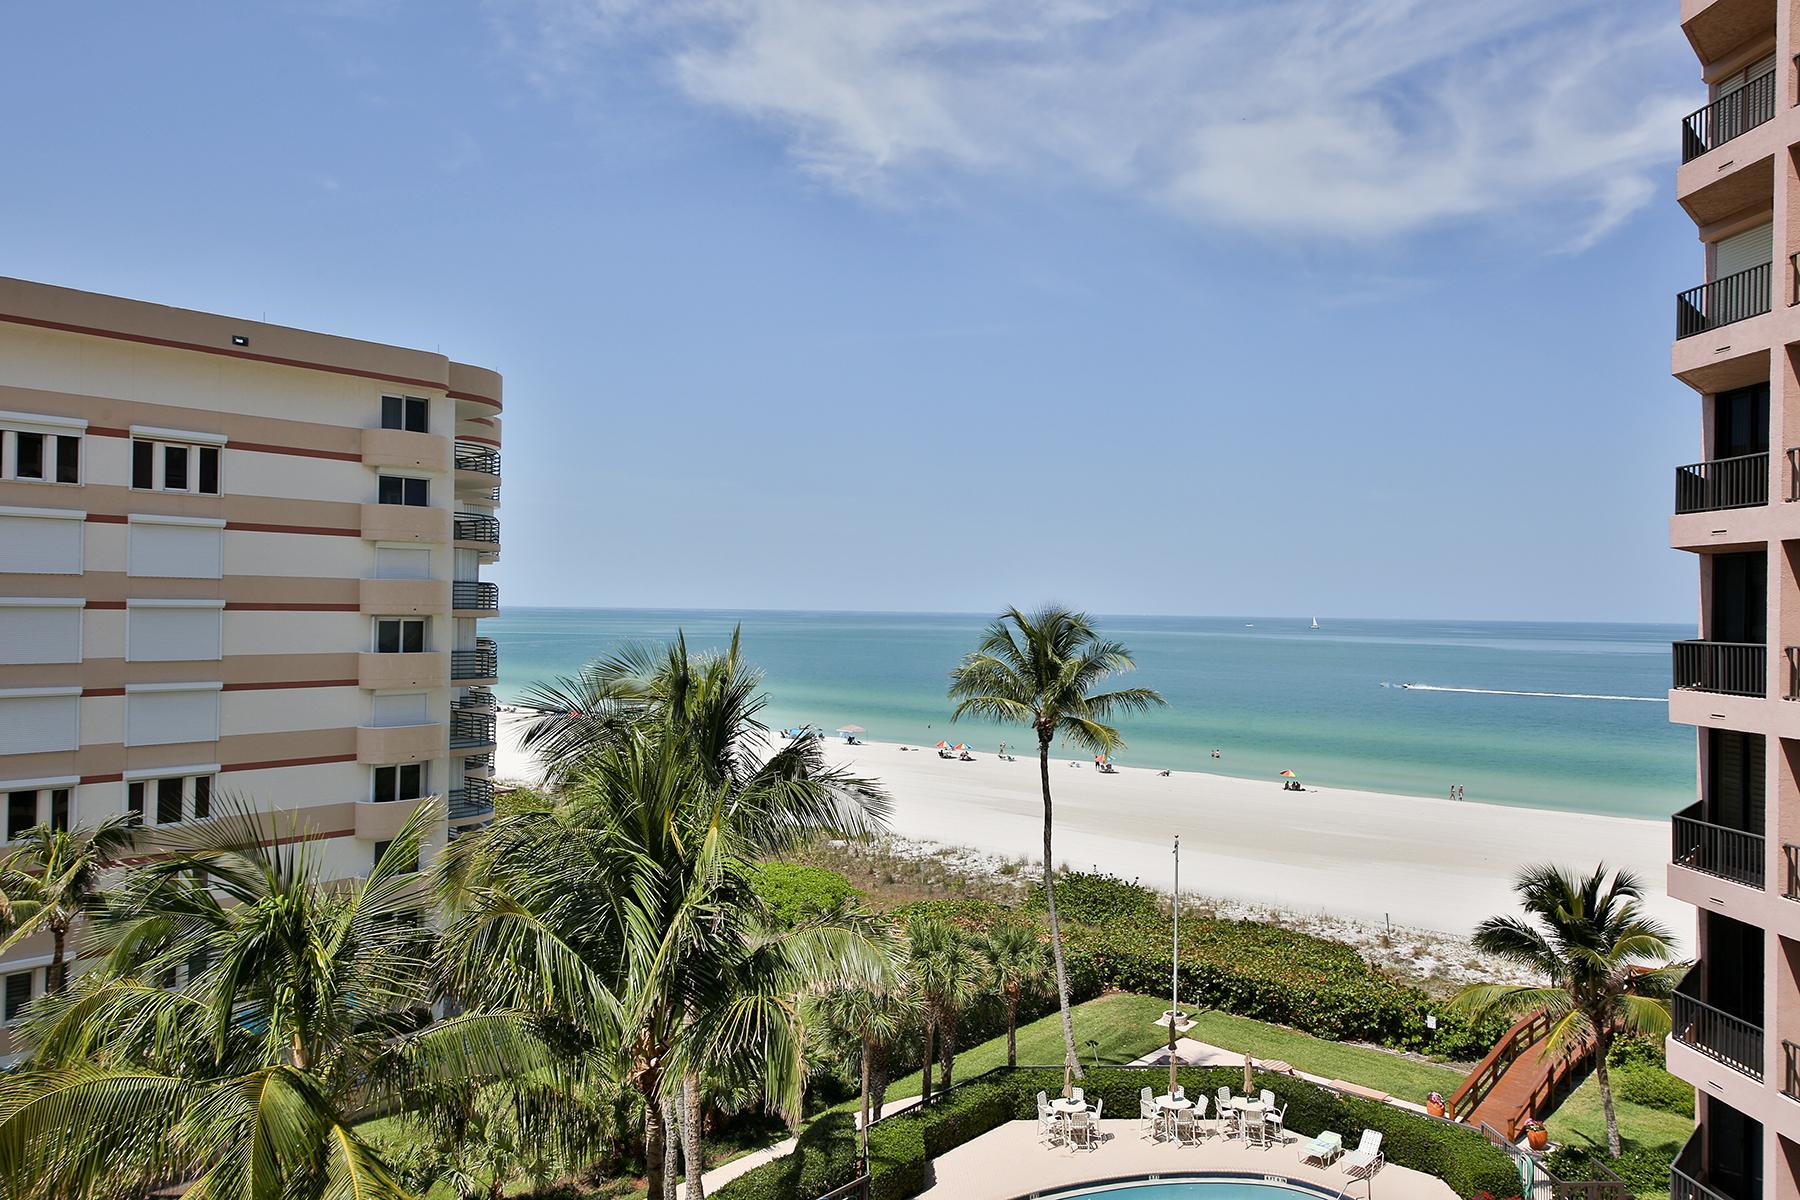 Nhà chung cư vì Bán tại MARCO ISLAND - SANDPIPER 850 S Collier Blvd 504 Marco Island, Florida, 34145 Hoa Kỳ